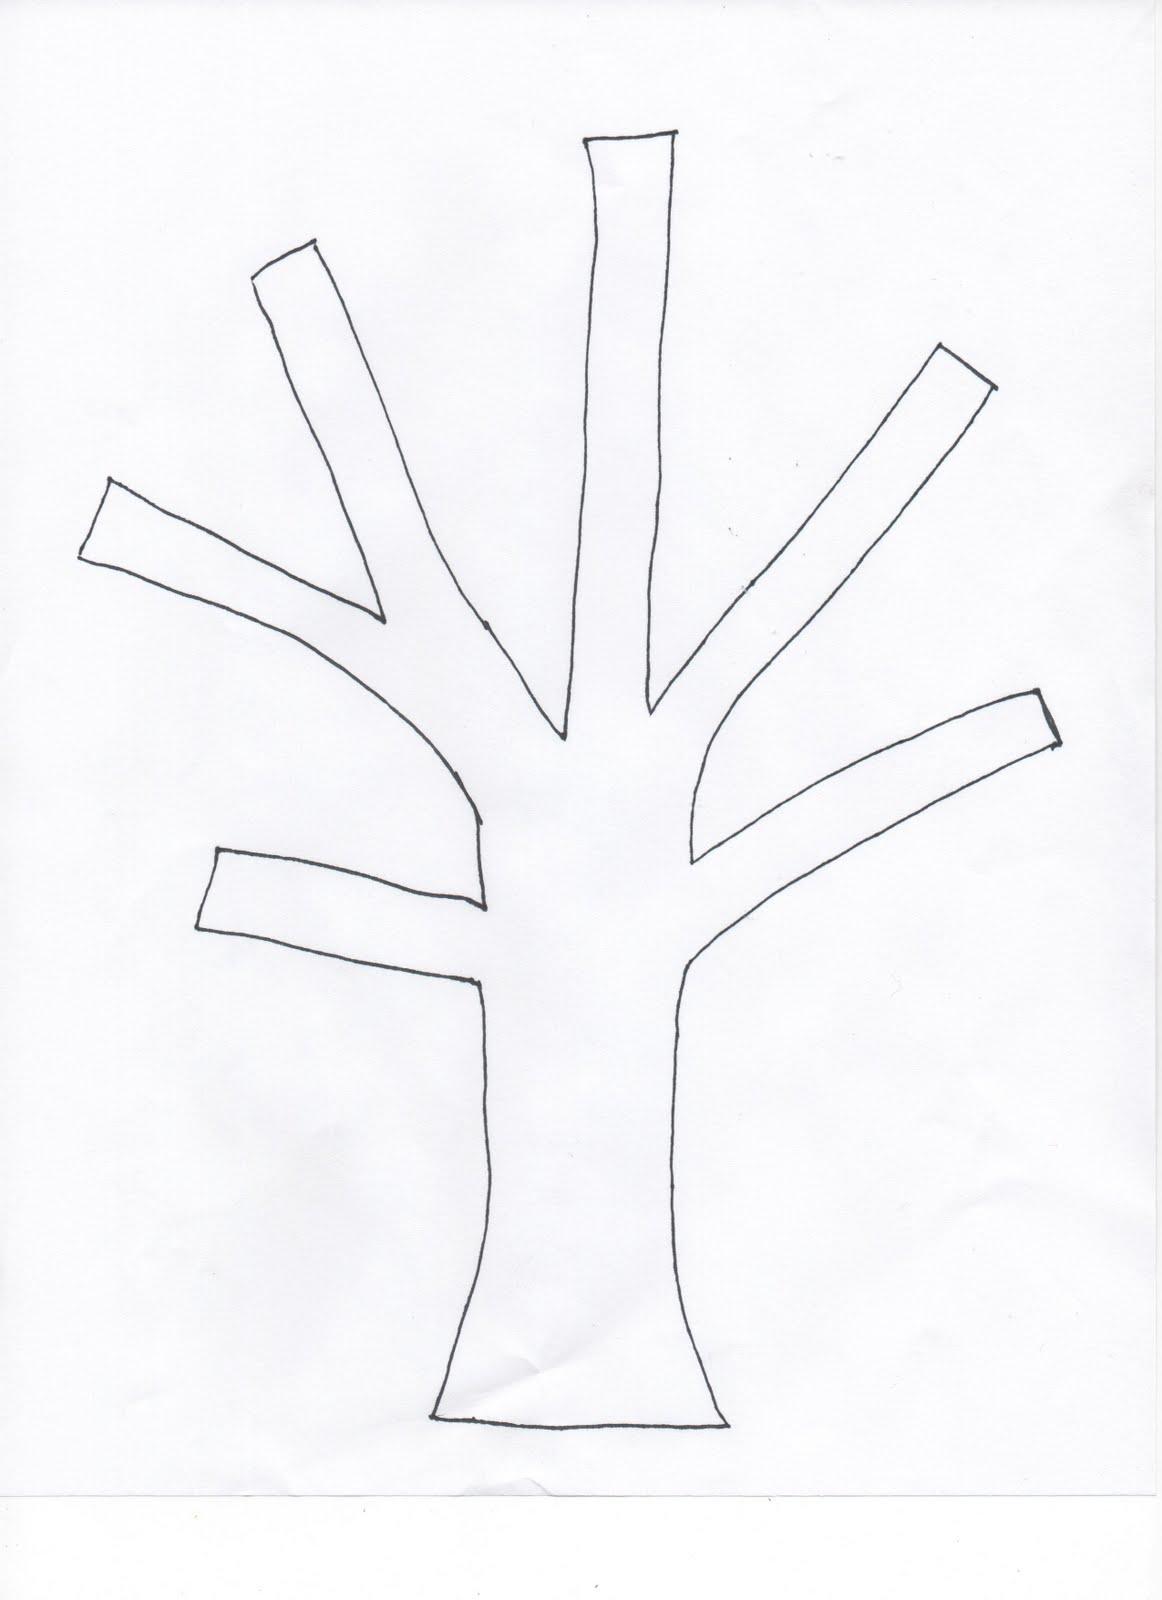 645 workshop by the crafty cpa: return on creativity: lil